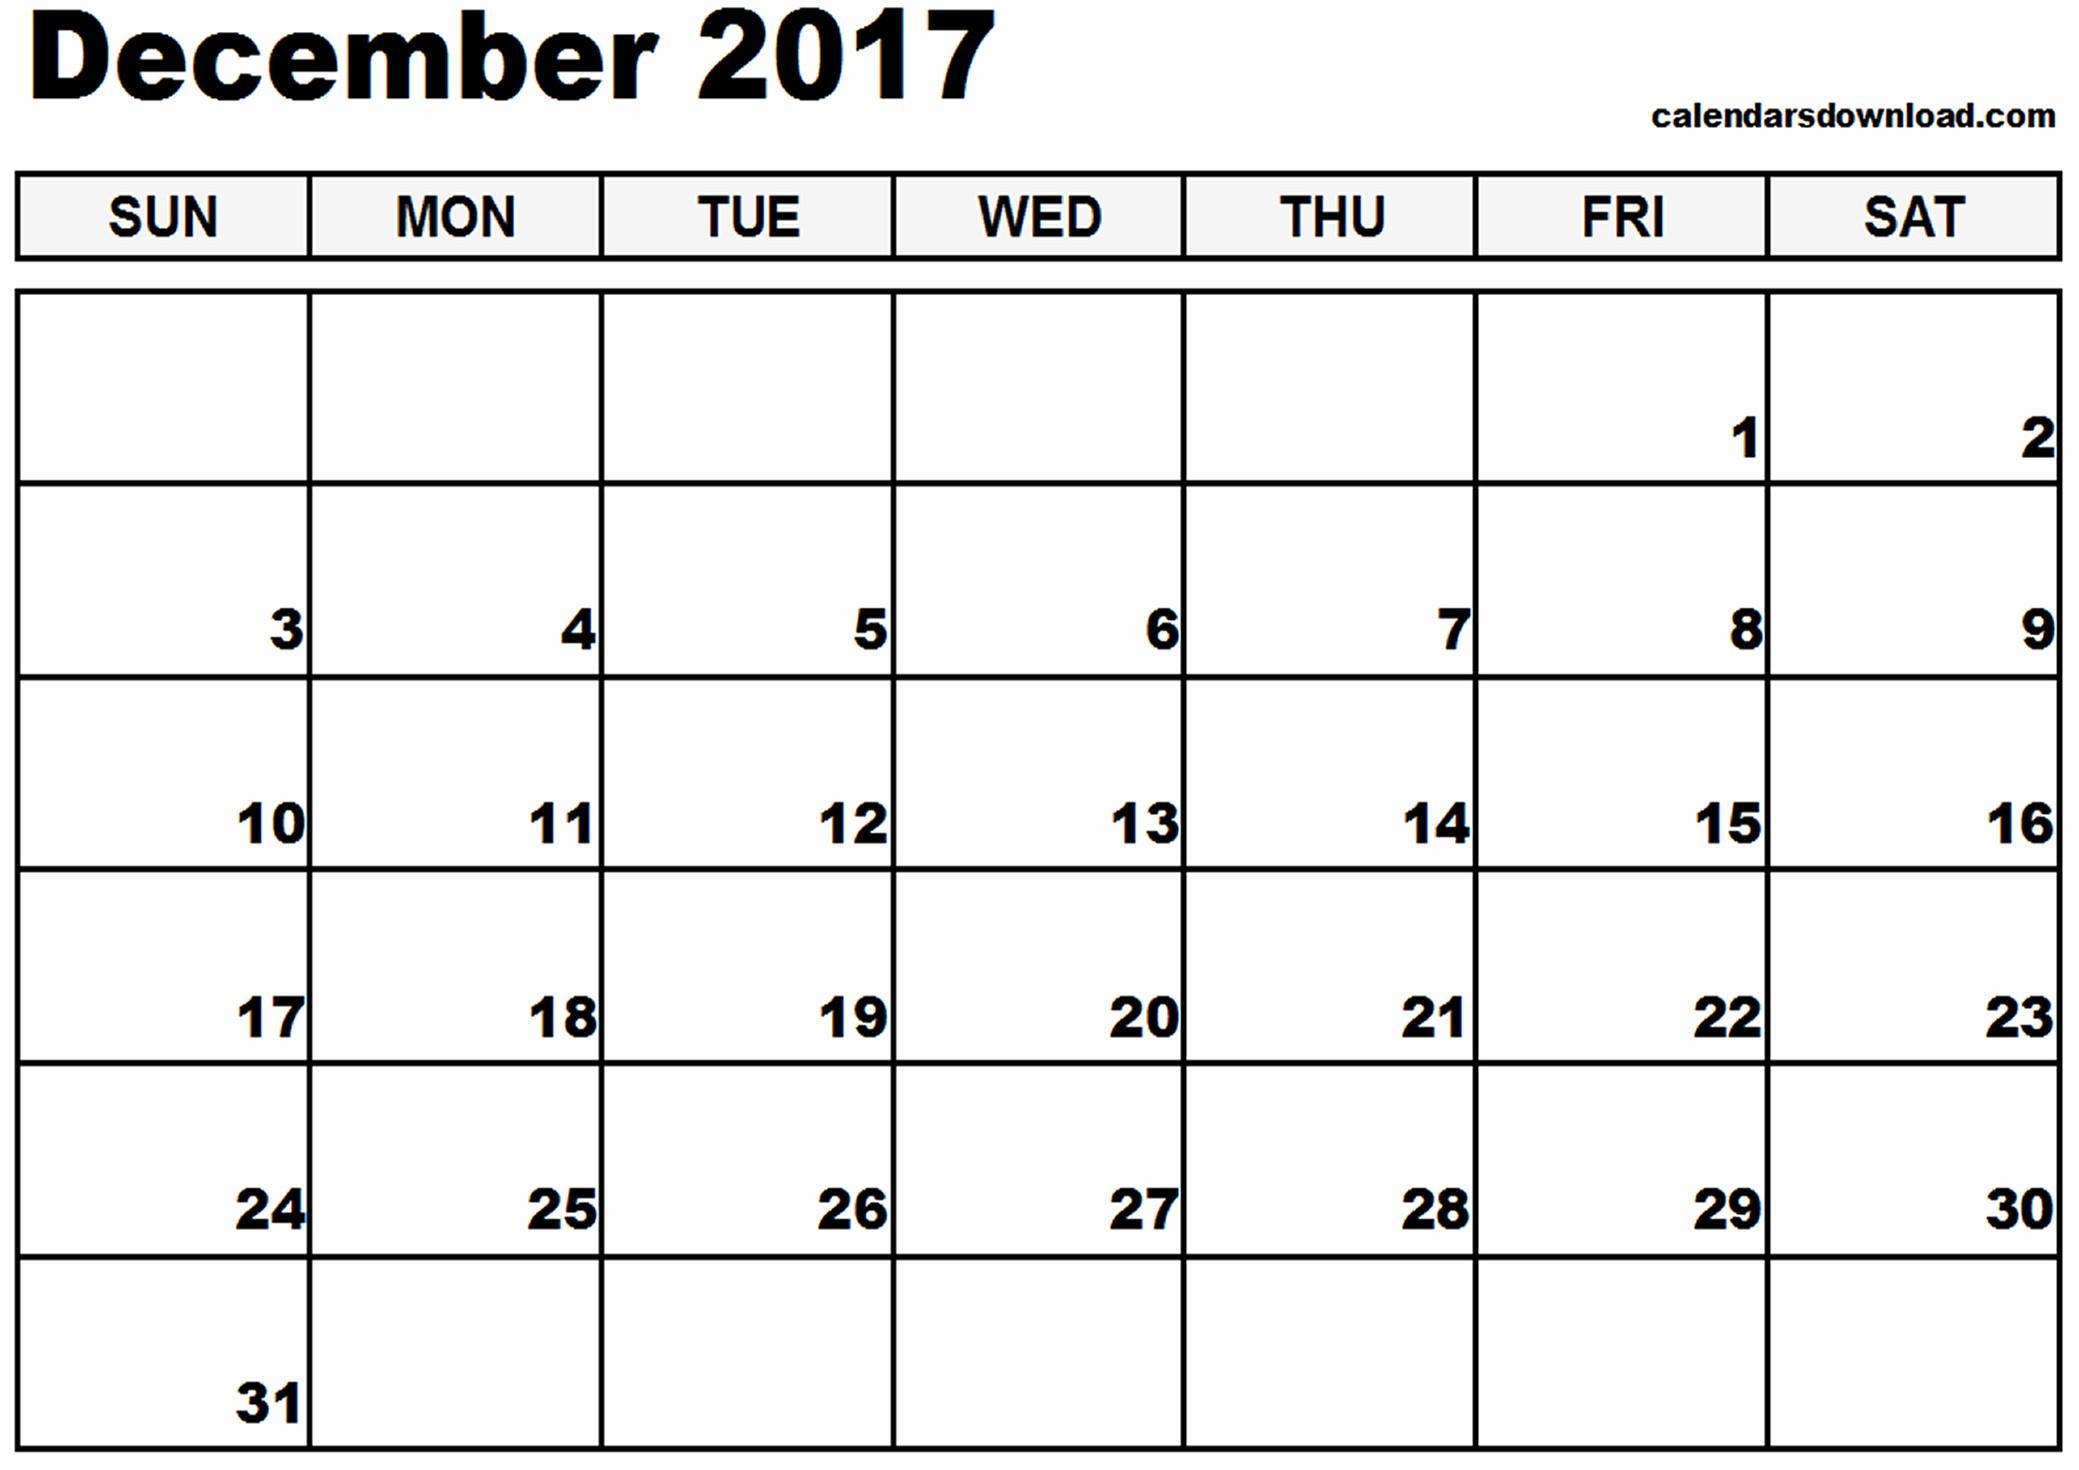 December 2017 Calendar Template Word Best Of December 2017 Calendar Template